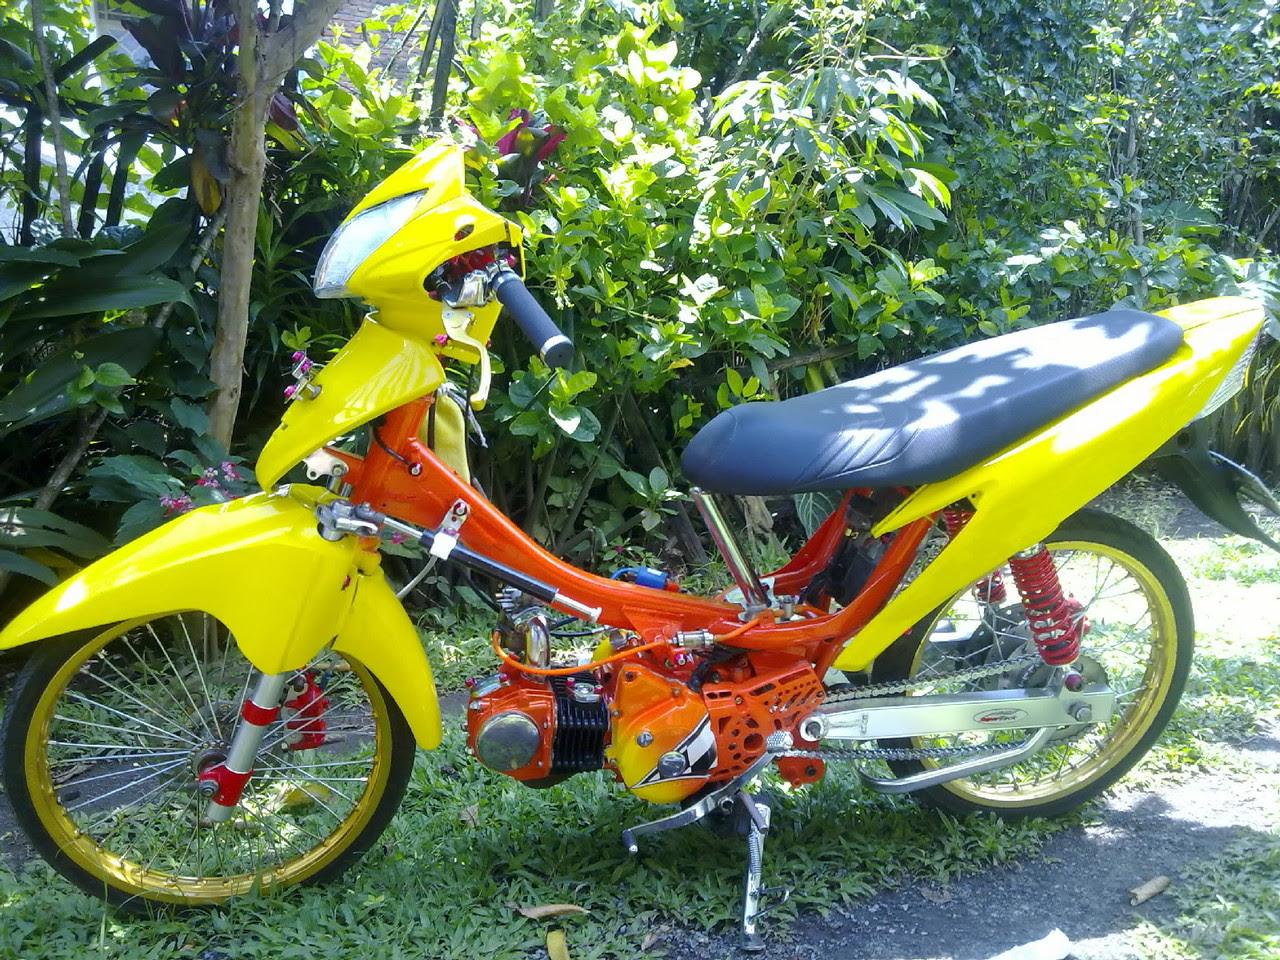 Koleksi Ide Modifikasi Motor Supra X 125 Warna Kuning Terbaru Dan